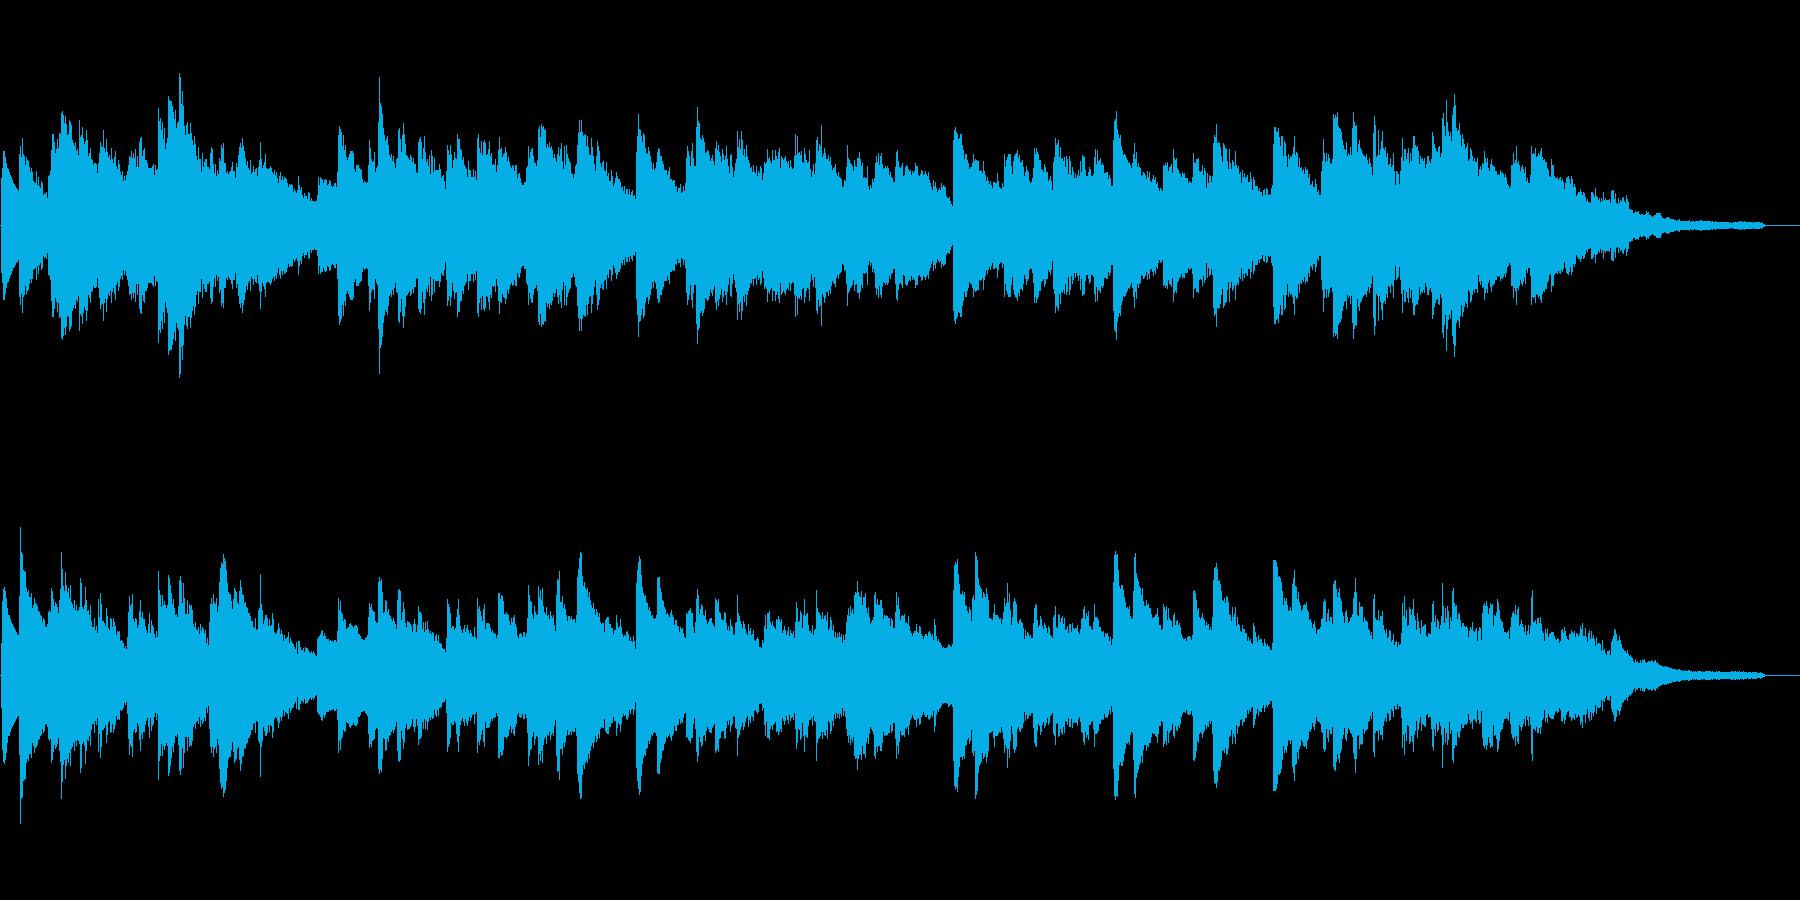 「蛍の光」 ピアノと鉄琴の再生済みの波形